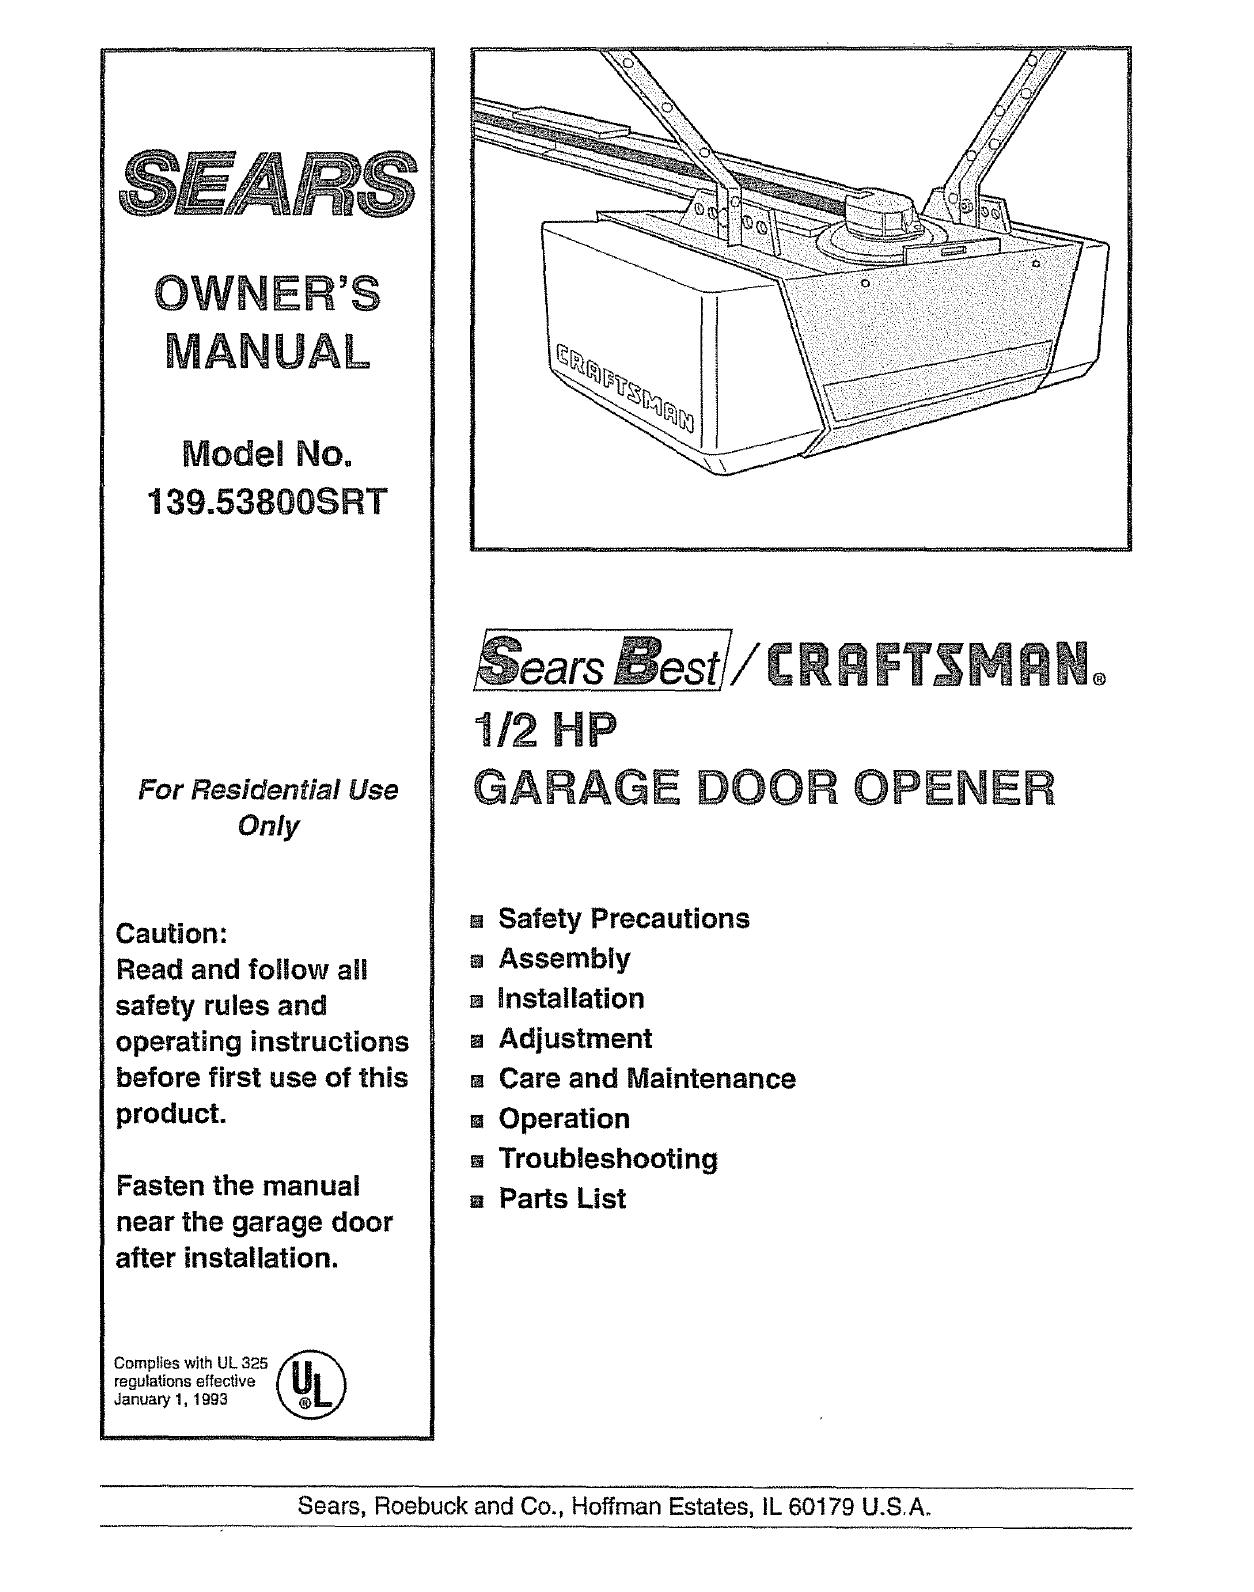 Craftsman 13953800srt User Manual 12 Hp Garage Door Opener Manuals